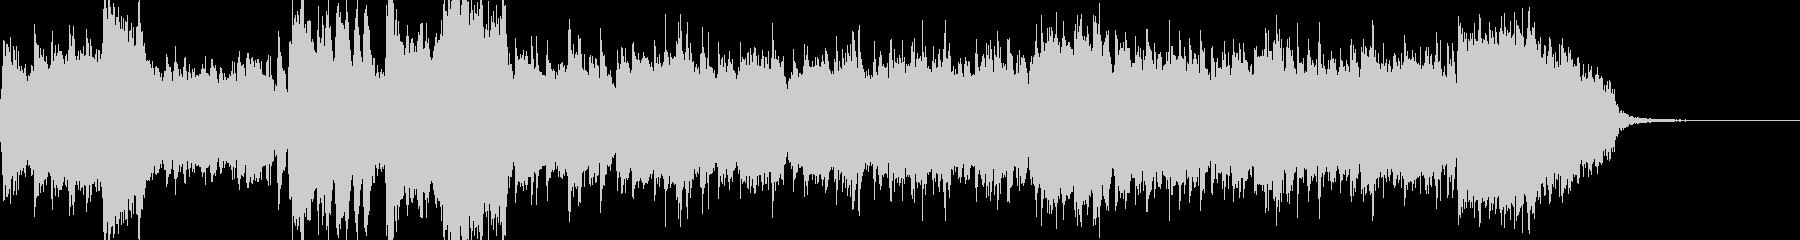 オーケストラによる和風オープニングの未再生の波形